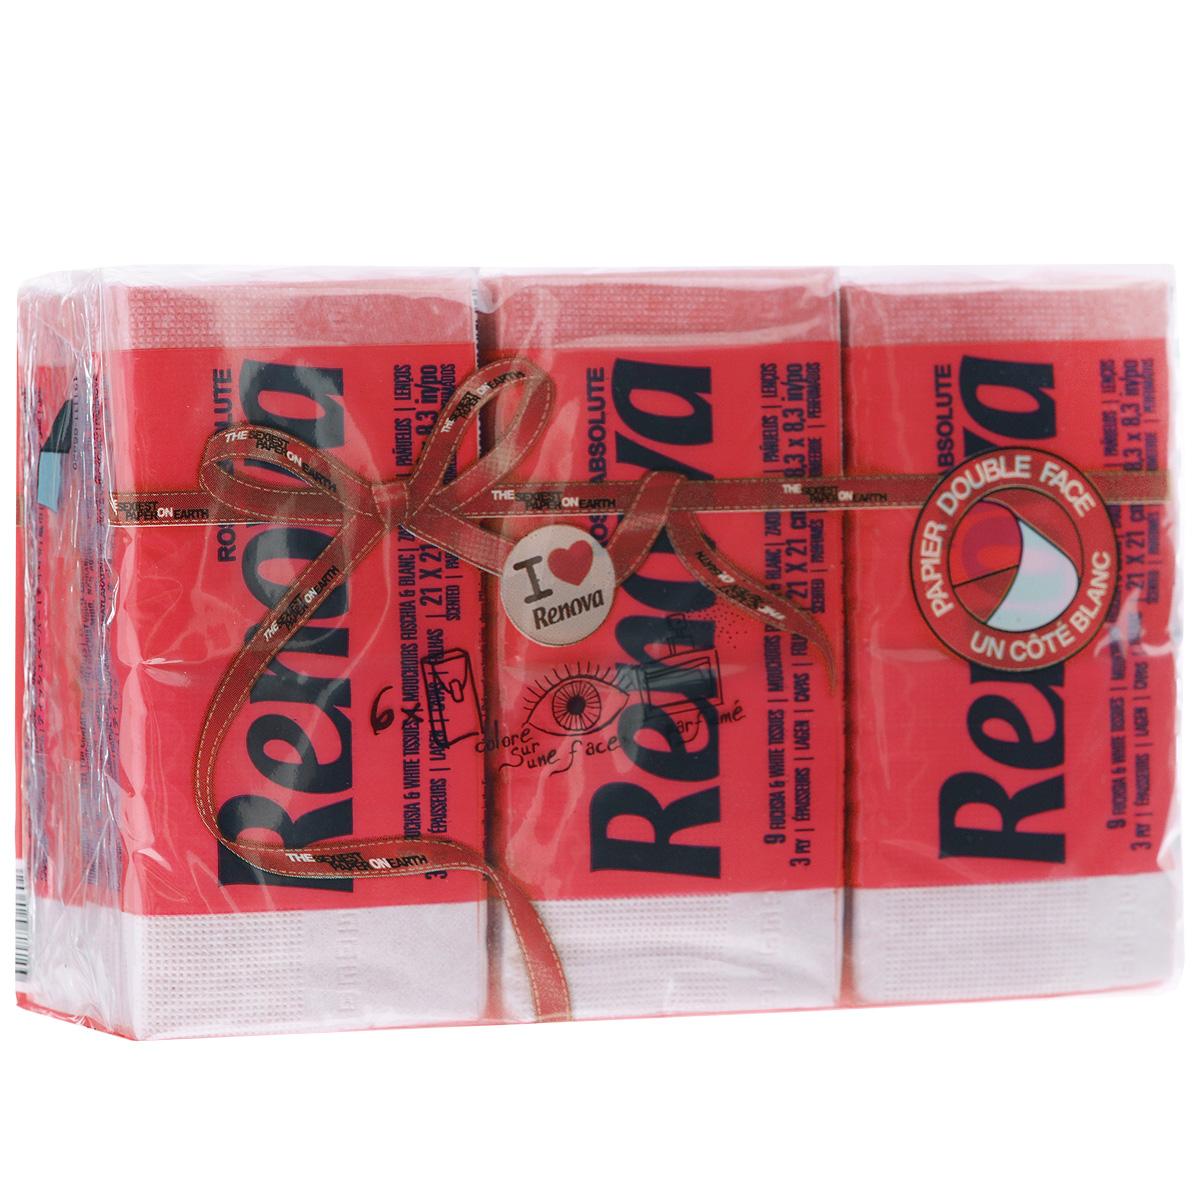 Платочки бумажные Renova Strawberry Ice Cream, ароматизированные, трехслойные, цвет: красный, 6 пачекFM 5567 weis-grauБумажные гигиенические платочки Renova Strawberry Ice Cream,изготовленные из 100% натуральной целлюлозы, подходят для детей и взрослых. Они обладают уникальными свойствами, так как всегда остаются мягкими на ощупь, прочными и отлично впитывающими влагу и могут быть пригодными в любой ситуации. Бумажные платочки Renova Strawberry Ice Cream имеют сладкий аромат клубники. Удобная небольшая упаковка позволяет носить платочки в кармане.Количество слоев: 3.Размер листа: 21 см х 21 см.Количество пачек: 6 шт.Количество платочков в каждой пачке: 9 шт.Португальская компания Renova является ведущим разработчиком новейших технологий производства, нового стиля и направления на рынке гигиенической продукции. Современный дизайн и высочайшее качество, дерматологический контроль - это то, что выделяет компанию Renova среди других производителей бумажной санитарно-гигиенической продукции.